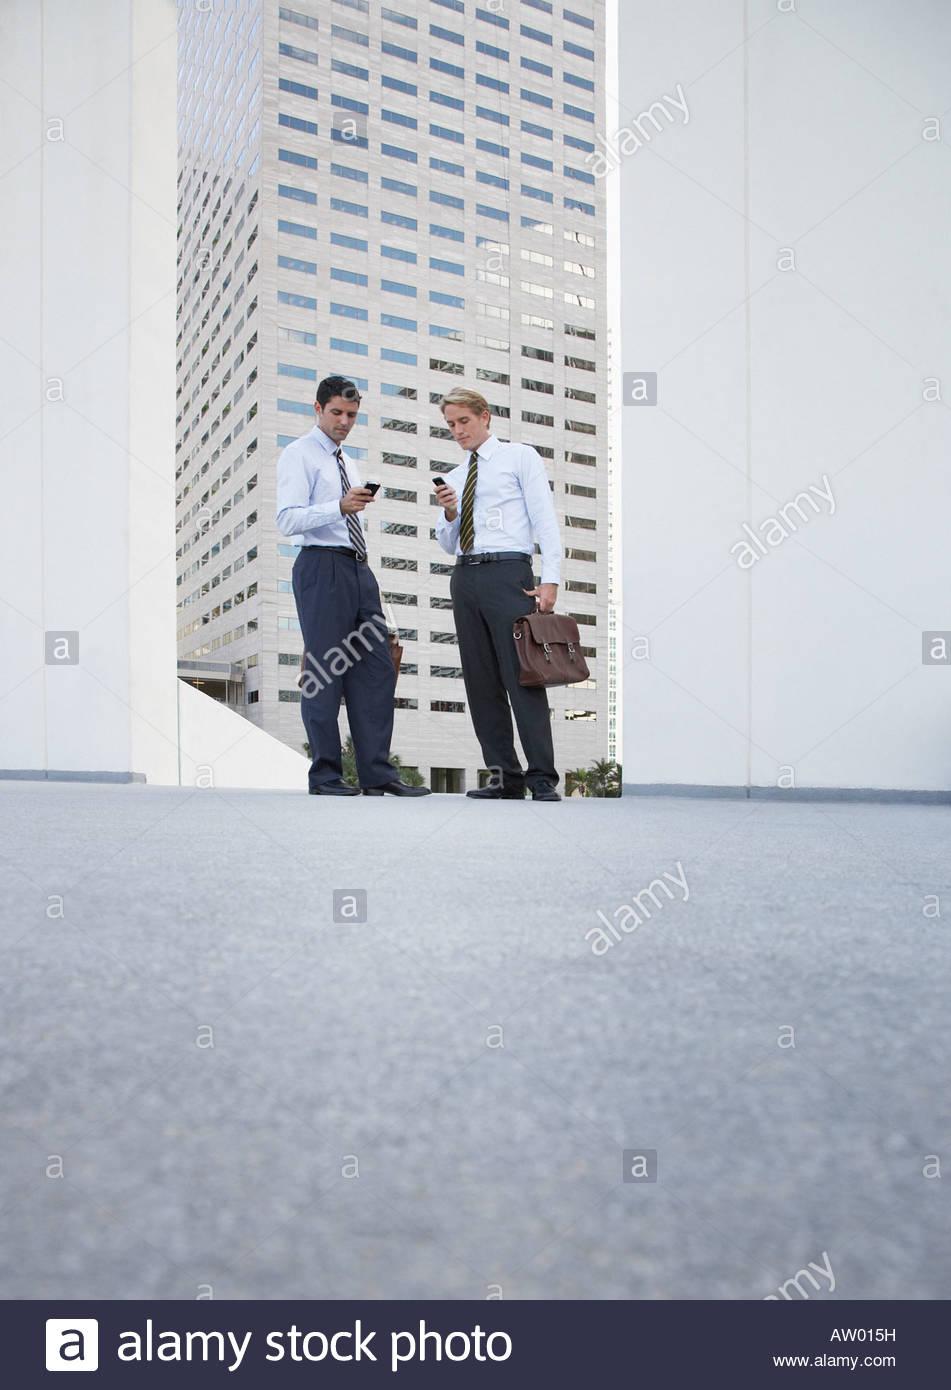 Due proprietari in piedi all'esterno guardando i loro telefoni cellulari Immagini Stock